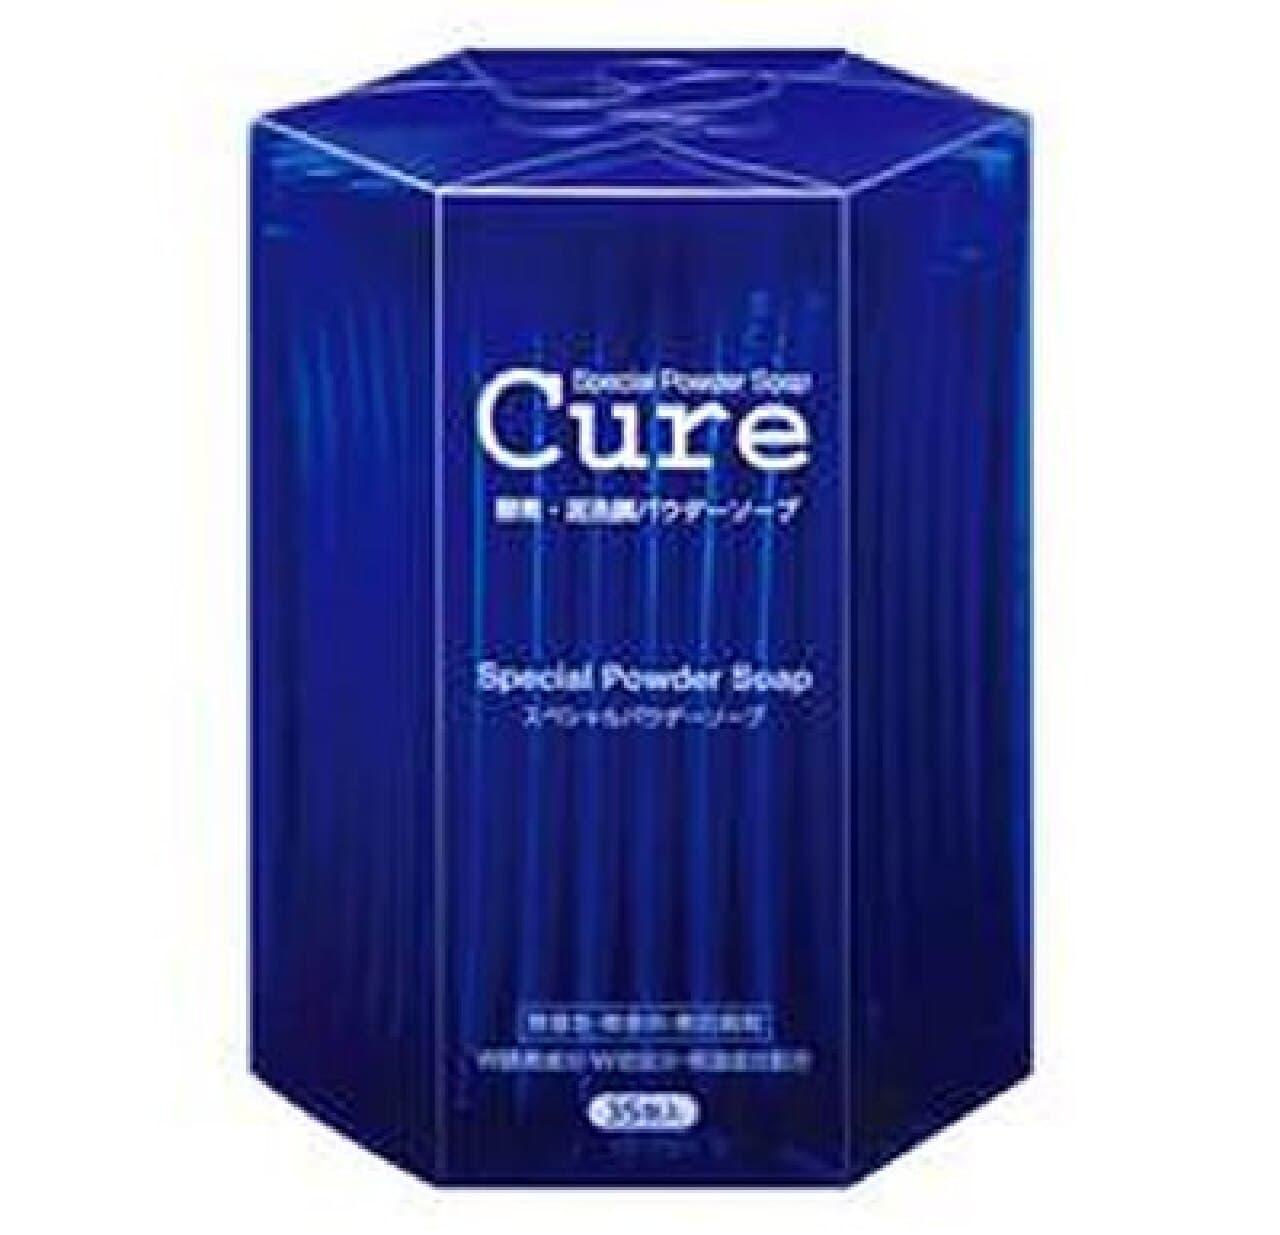 Cure「スペシャルパウダーソープ」